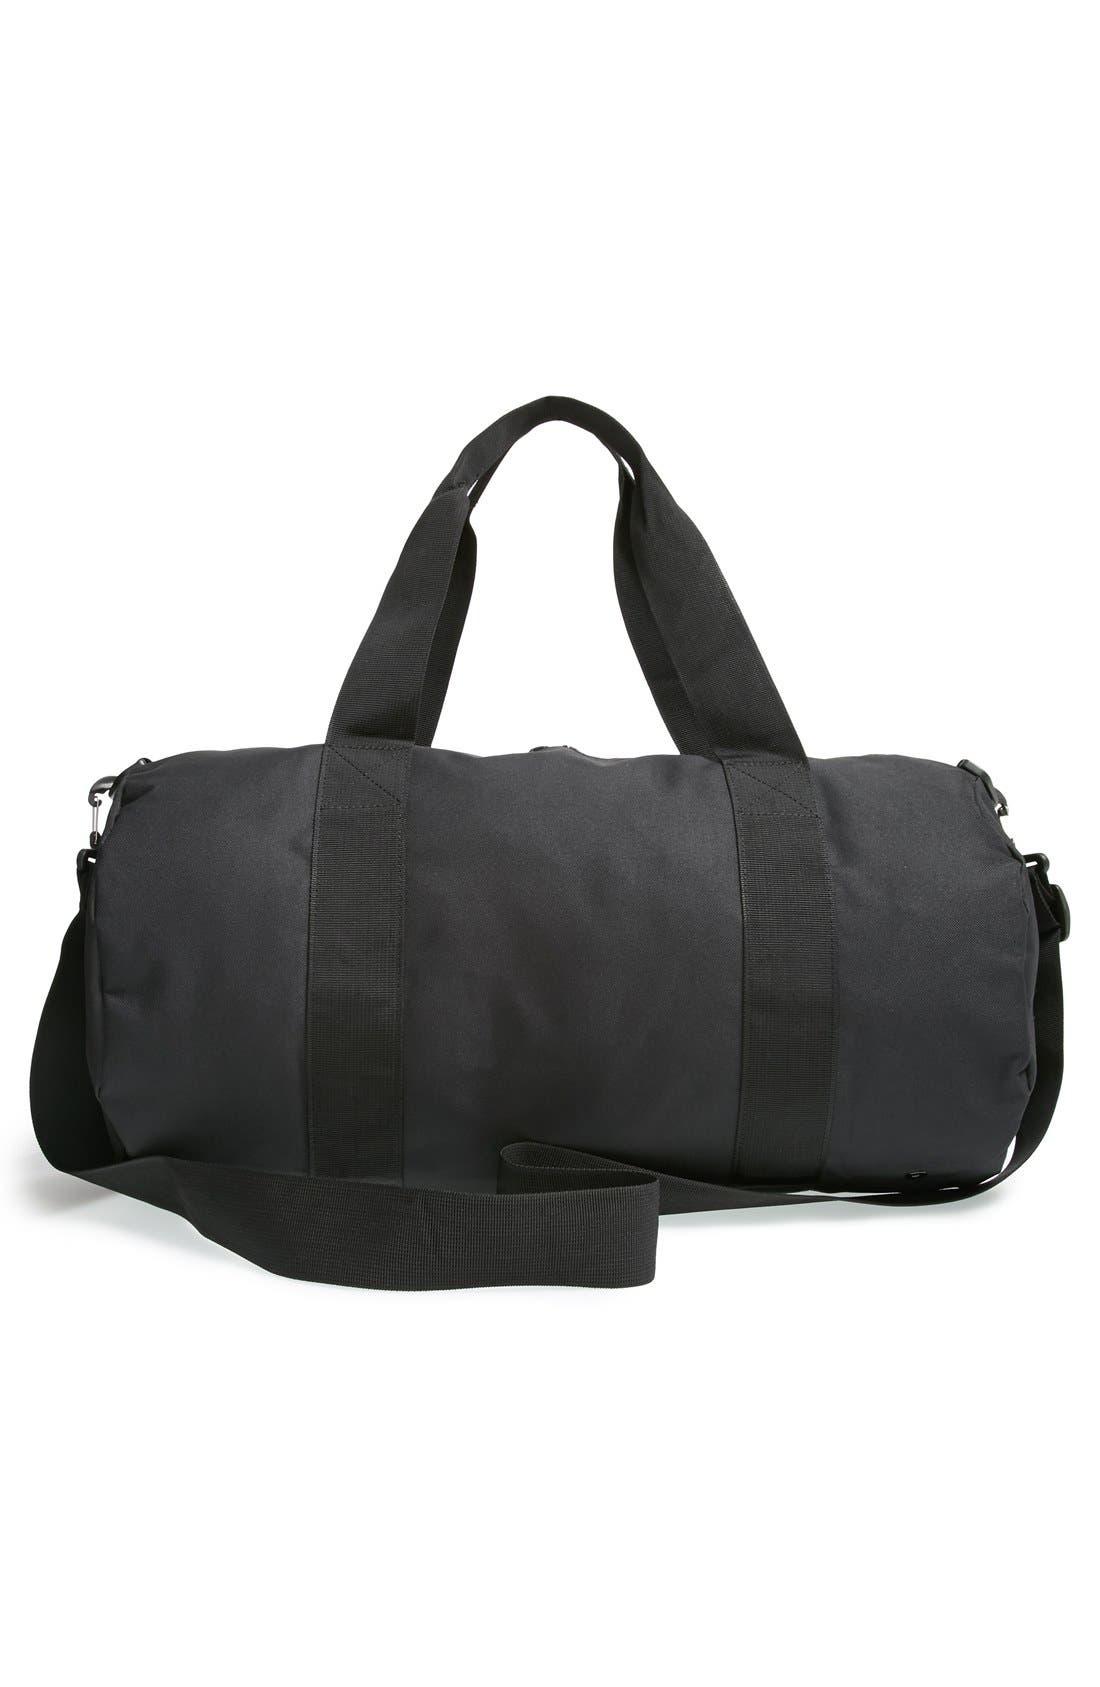 Alternate Image 3  - Herschel Supply Co. 'Sutton - Mid Volume' Duffel Bag